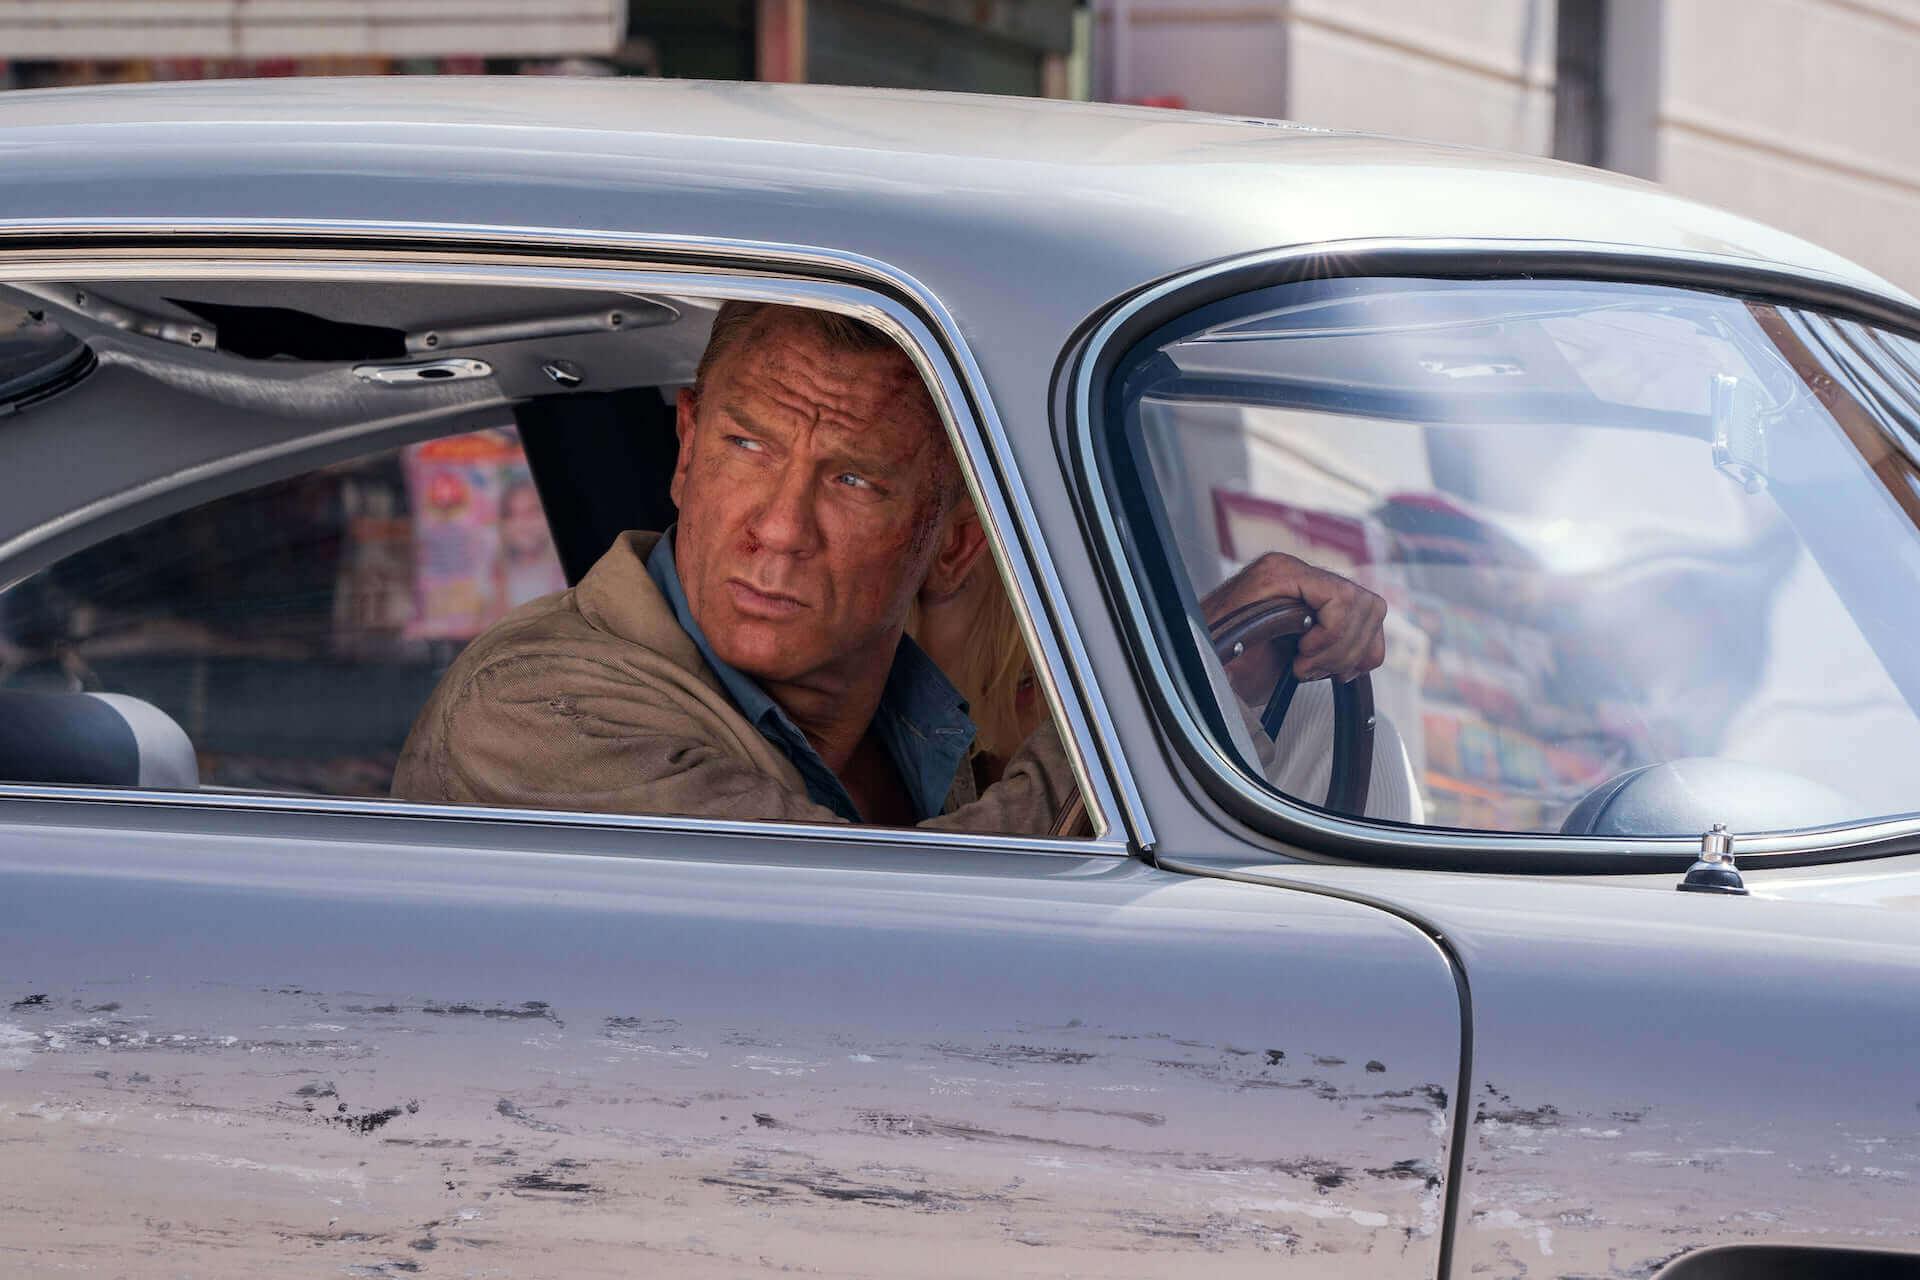 『007/ノー・タイム・トゥ・ダイ』公開前にシリーズを振り返る!ダニエルボンドのストーリーを辿る特別映像解禁 film210917_007_ntd_5